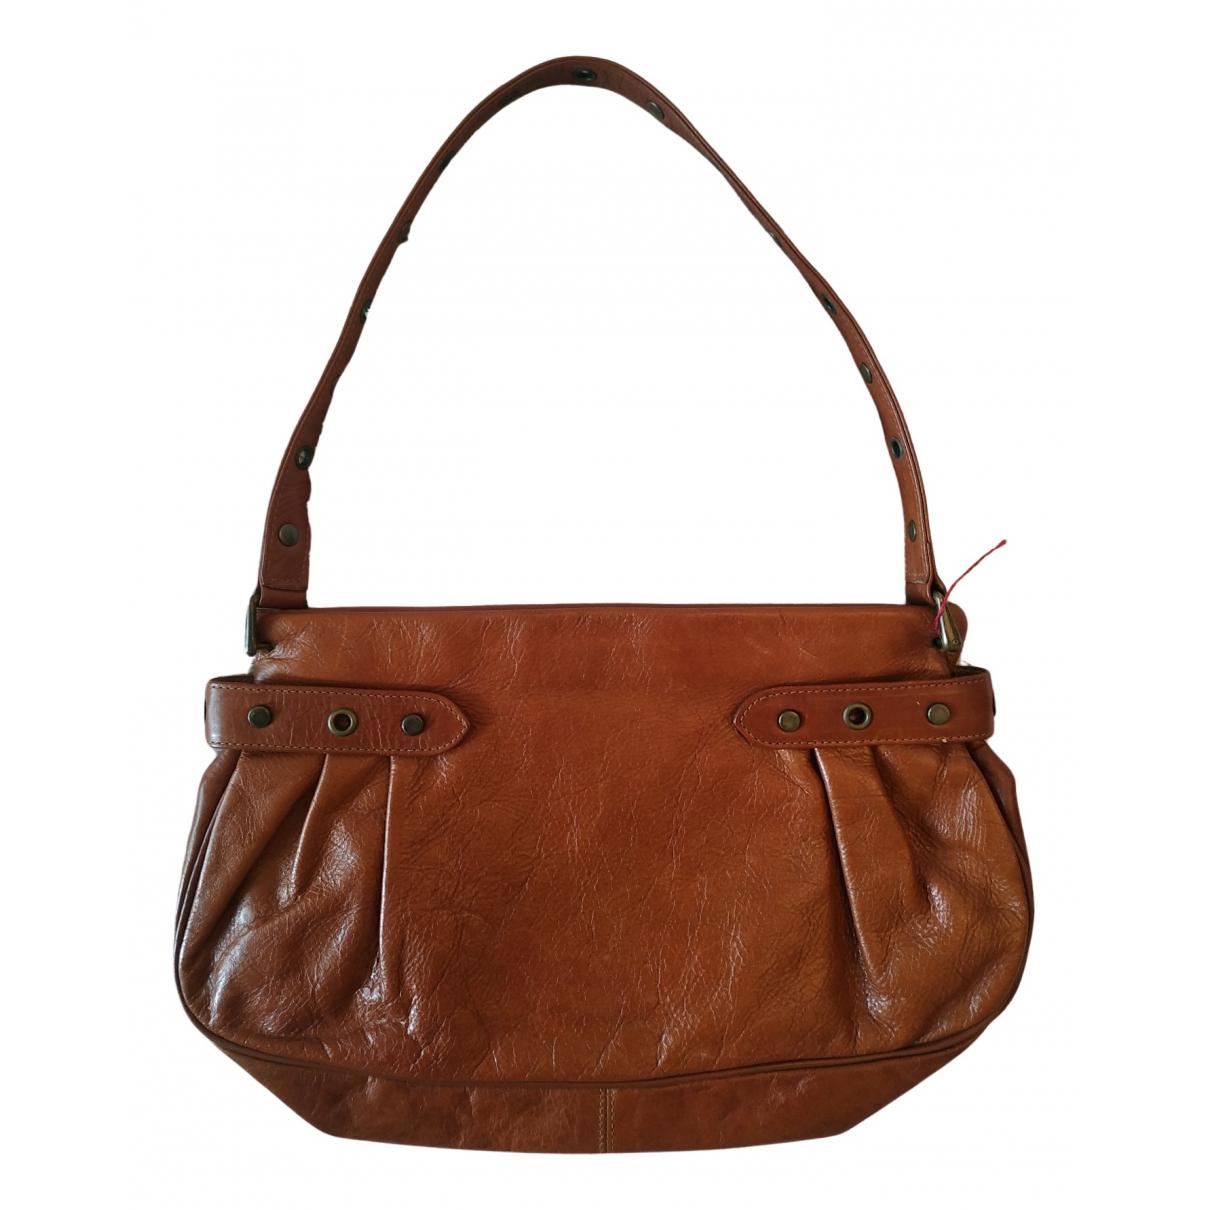 Vanessa Bruno N Brown Leather handbag for Women N